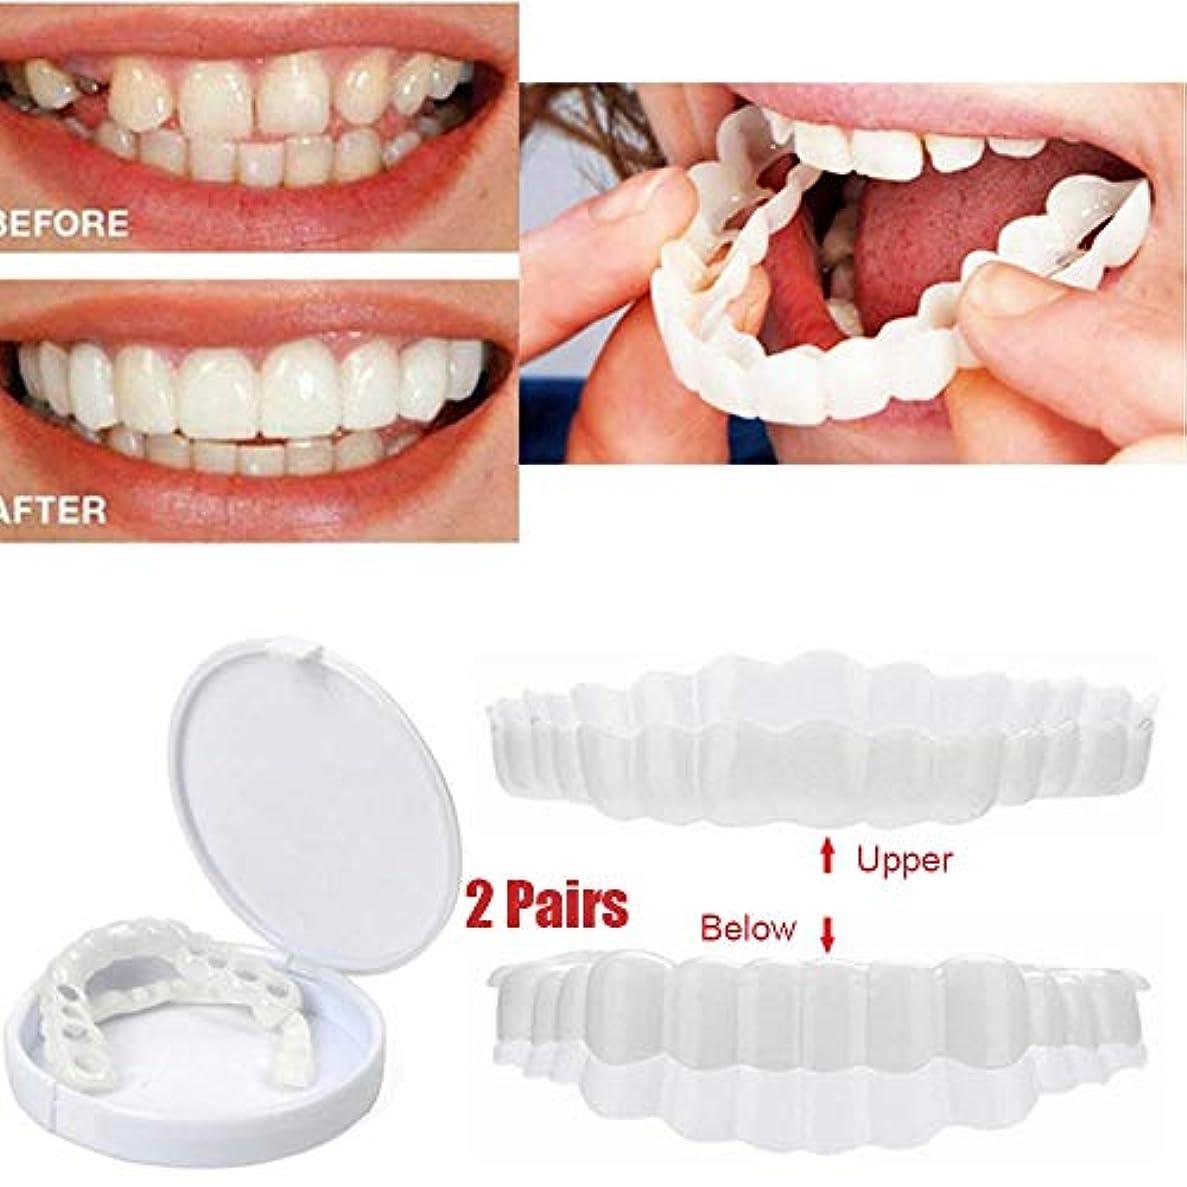 長さ軽皮肉白くなるベニヤ歯美容メイクアップ歯快適で柔軟な歯のケアケア自信を持って笑顔黄色い歯悪い歯ホワイトニングオーラルケア(2ペア)